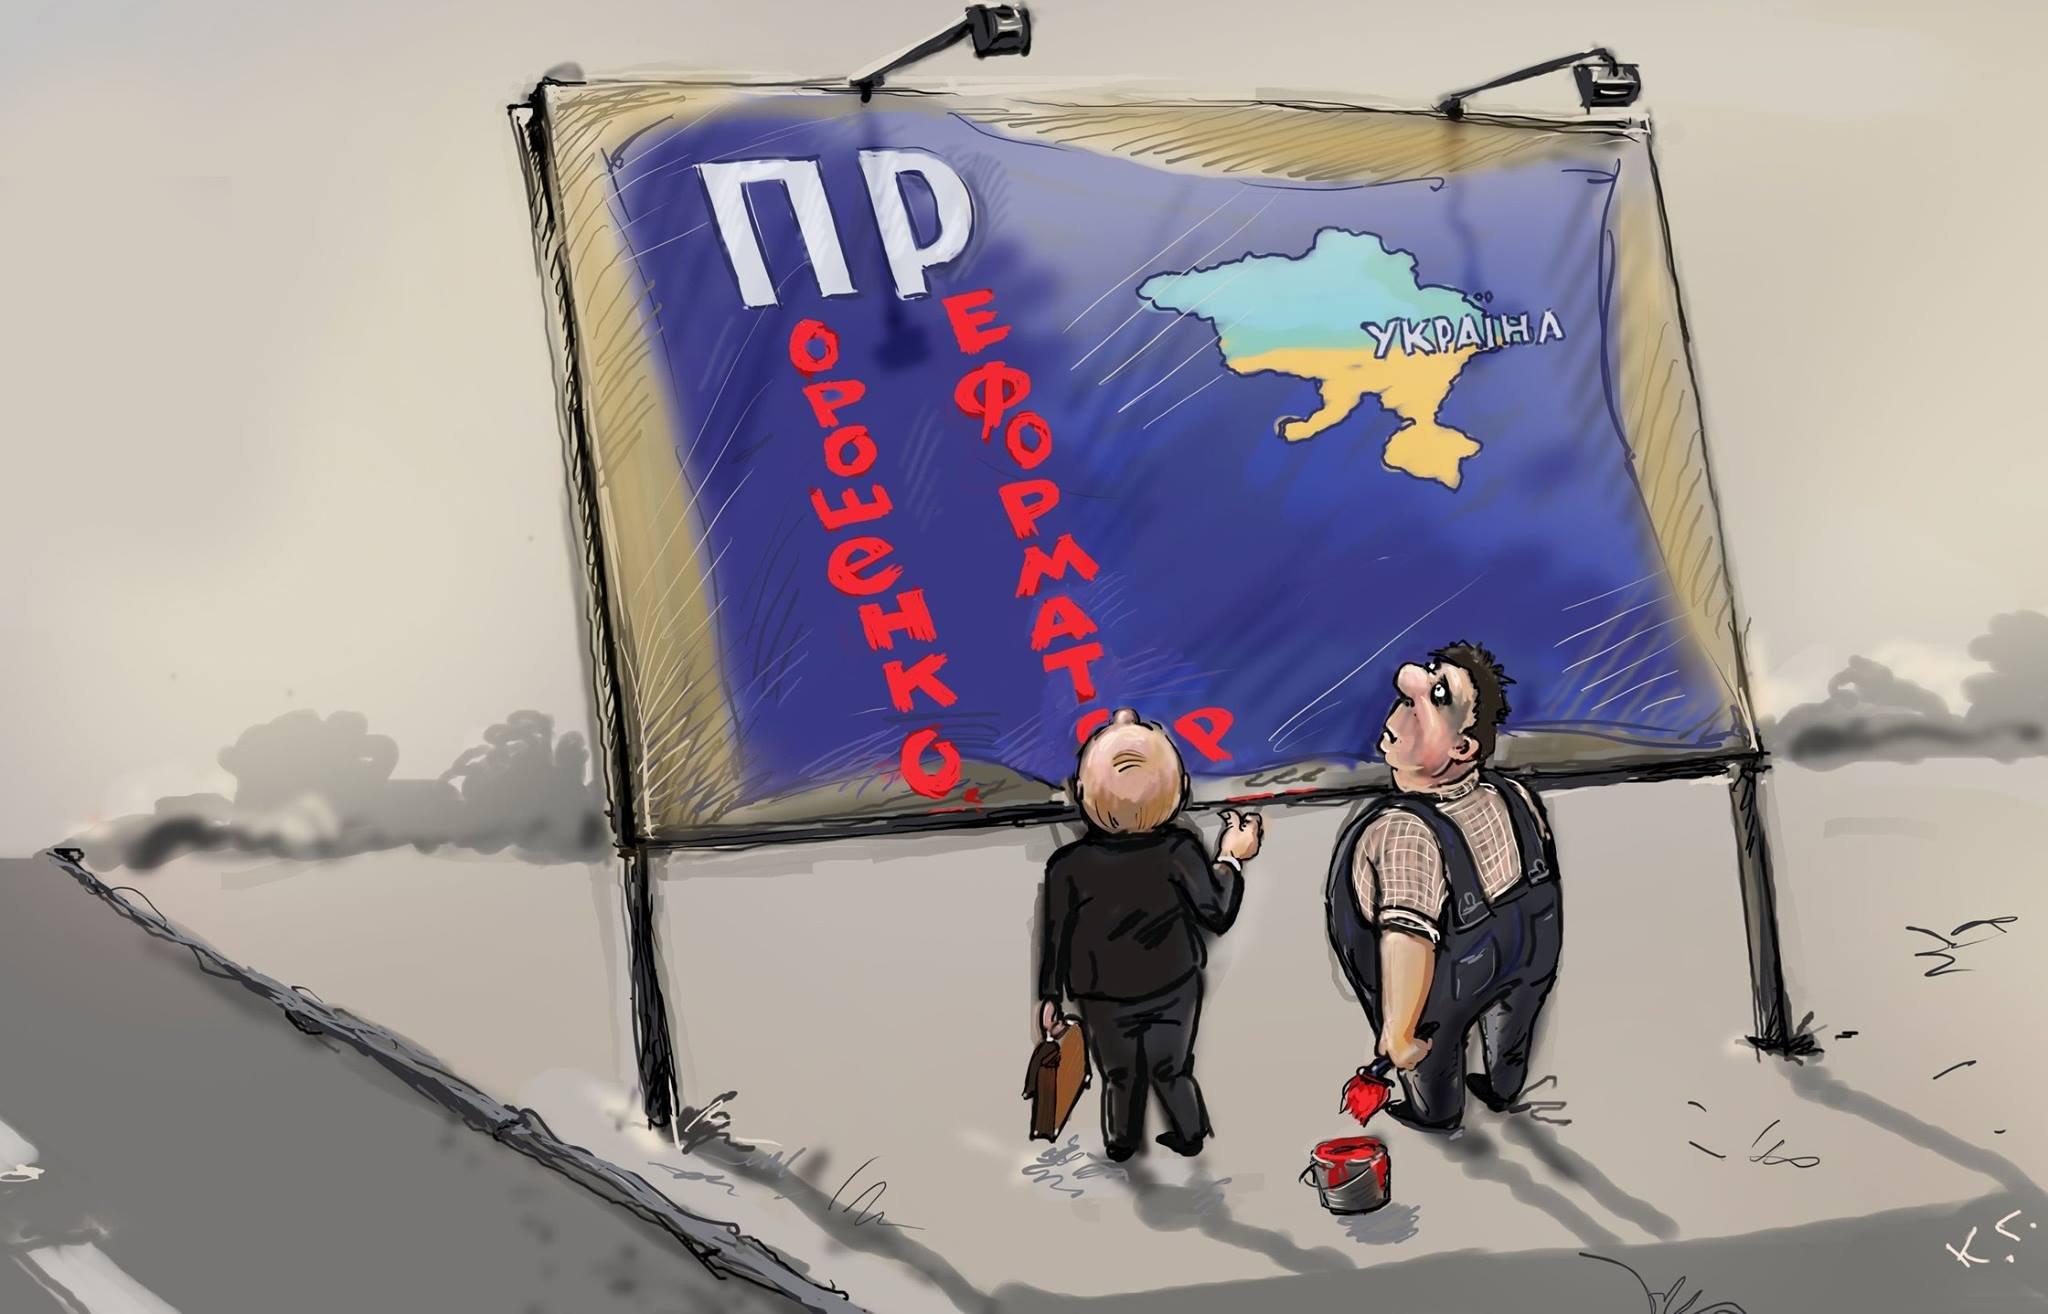 Яресько объяснила, на какие средства будут восстанавливать Донбасс - Цензор.НЕТ 2243